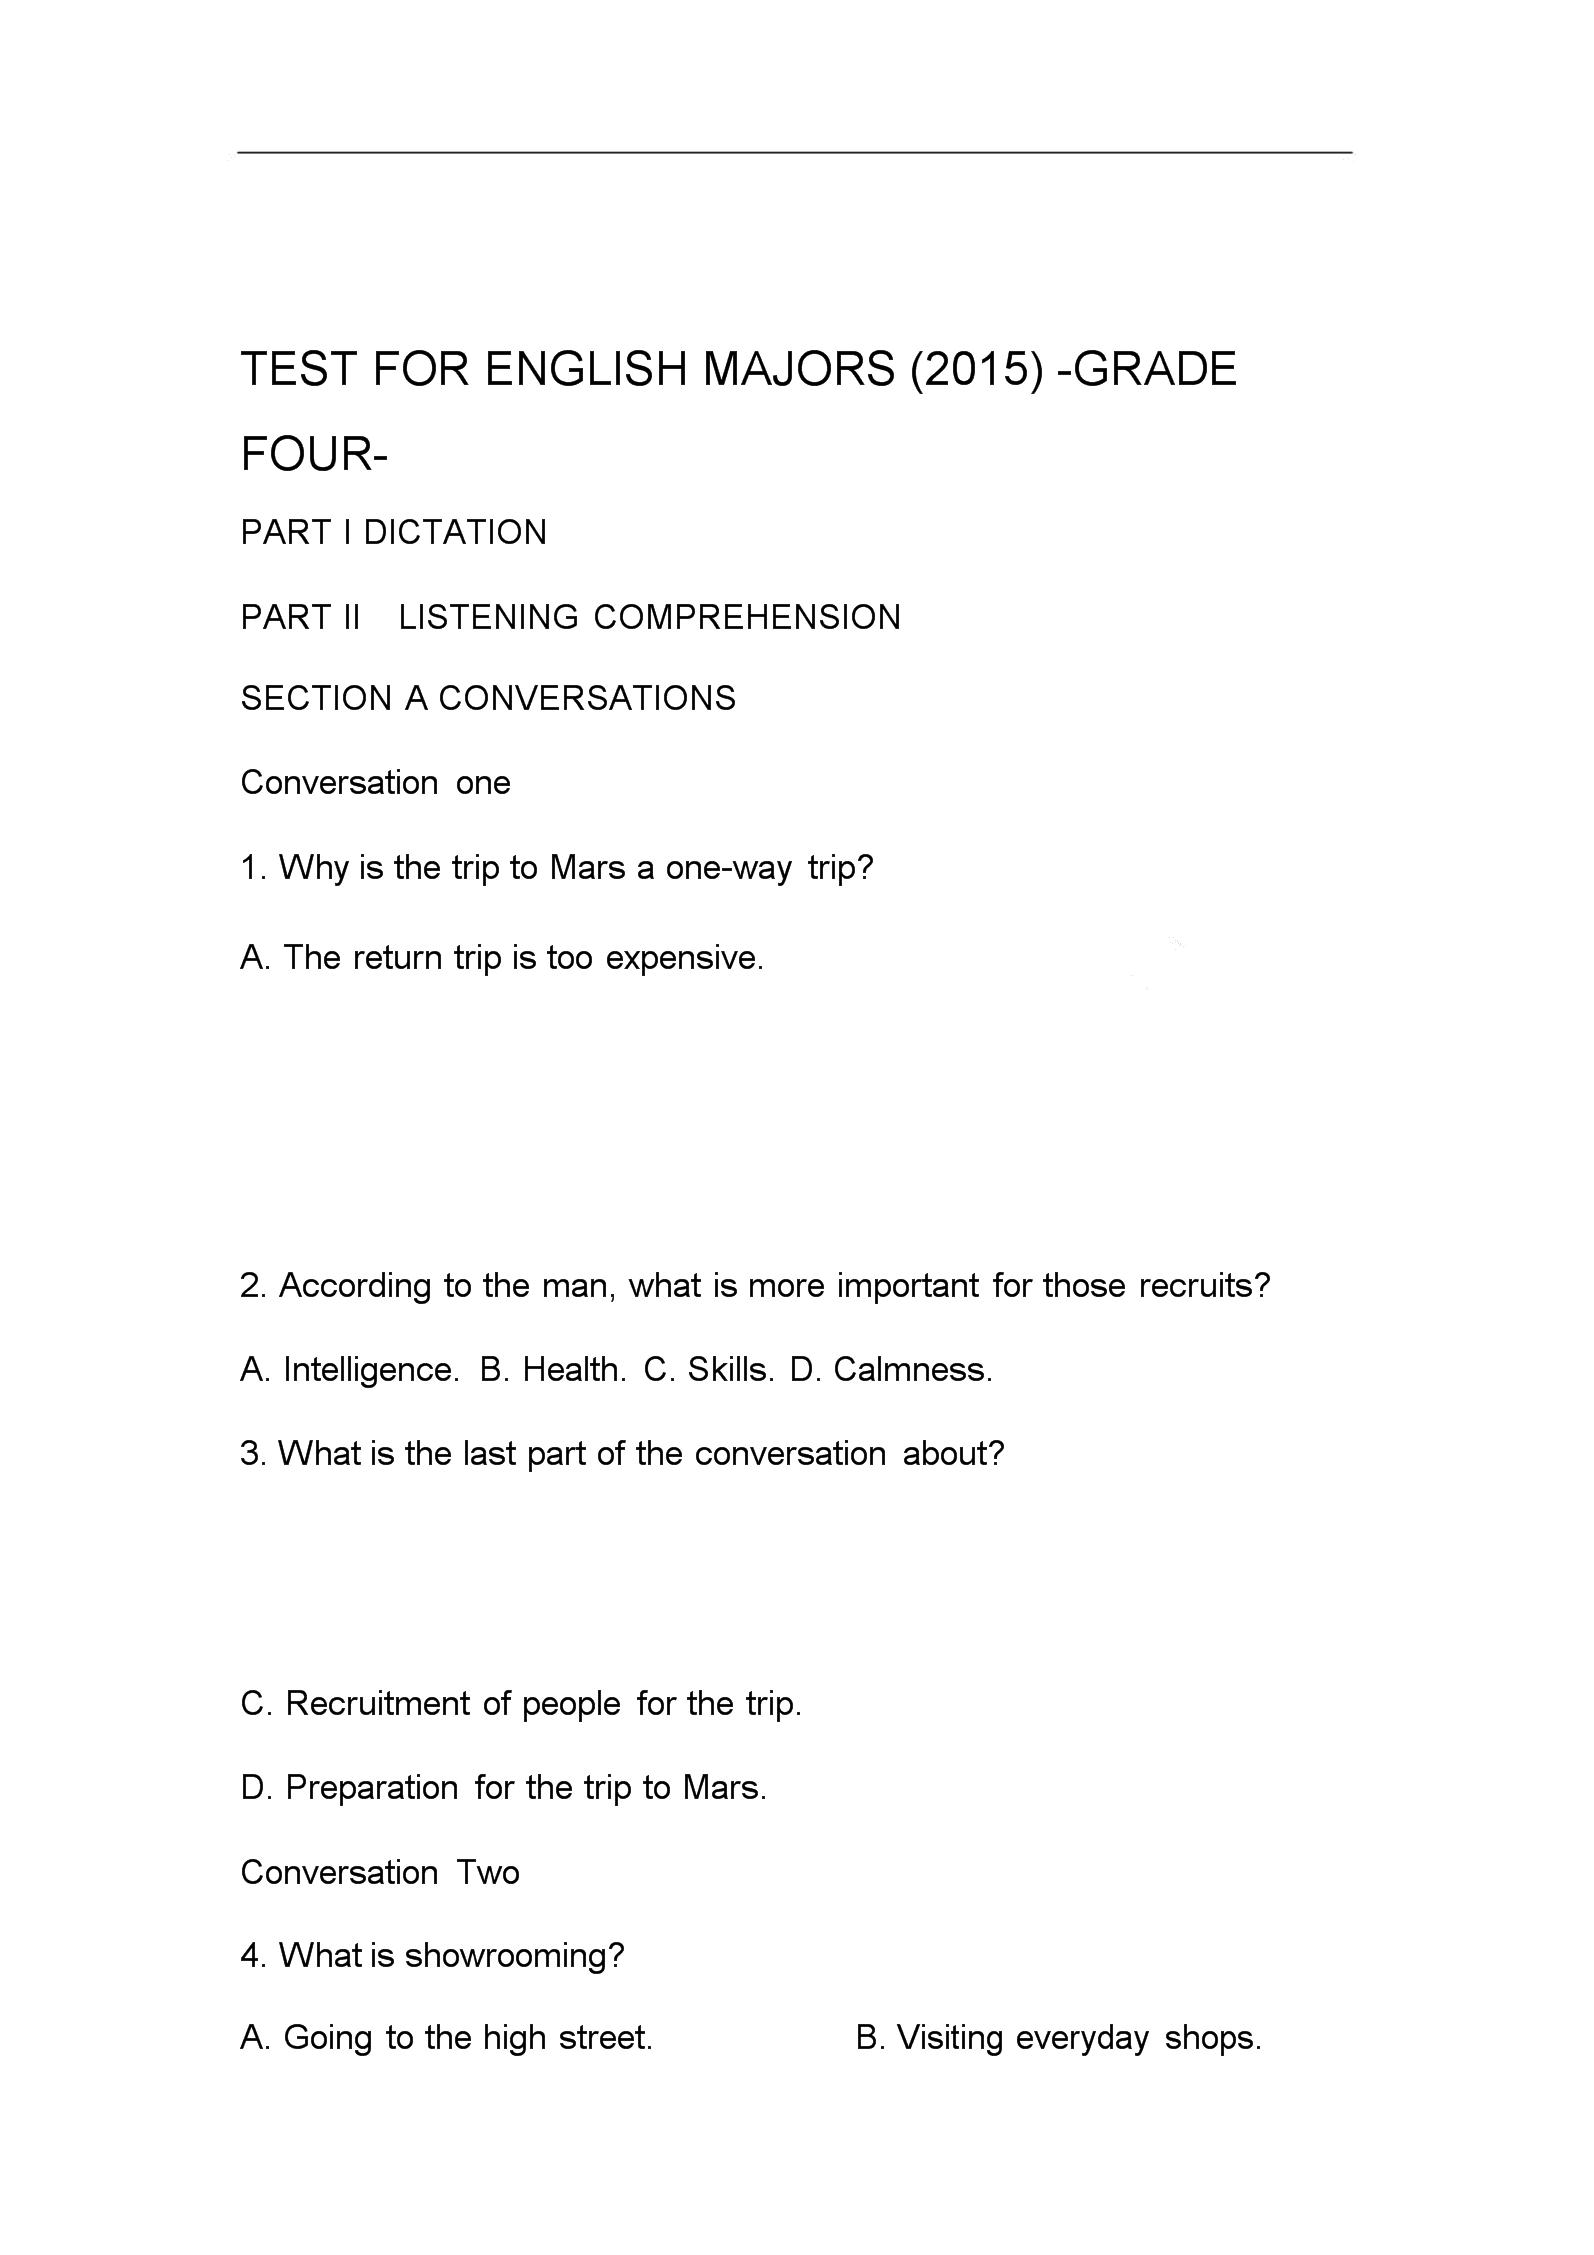 英语专四真题试卷及答案解析.docx